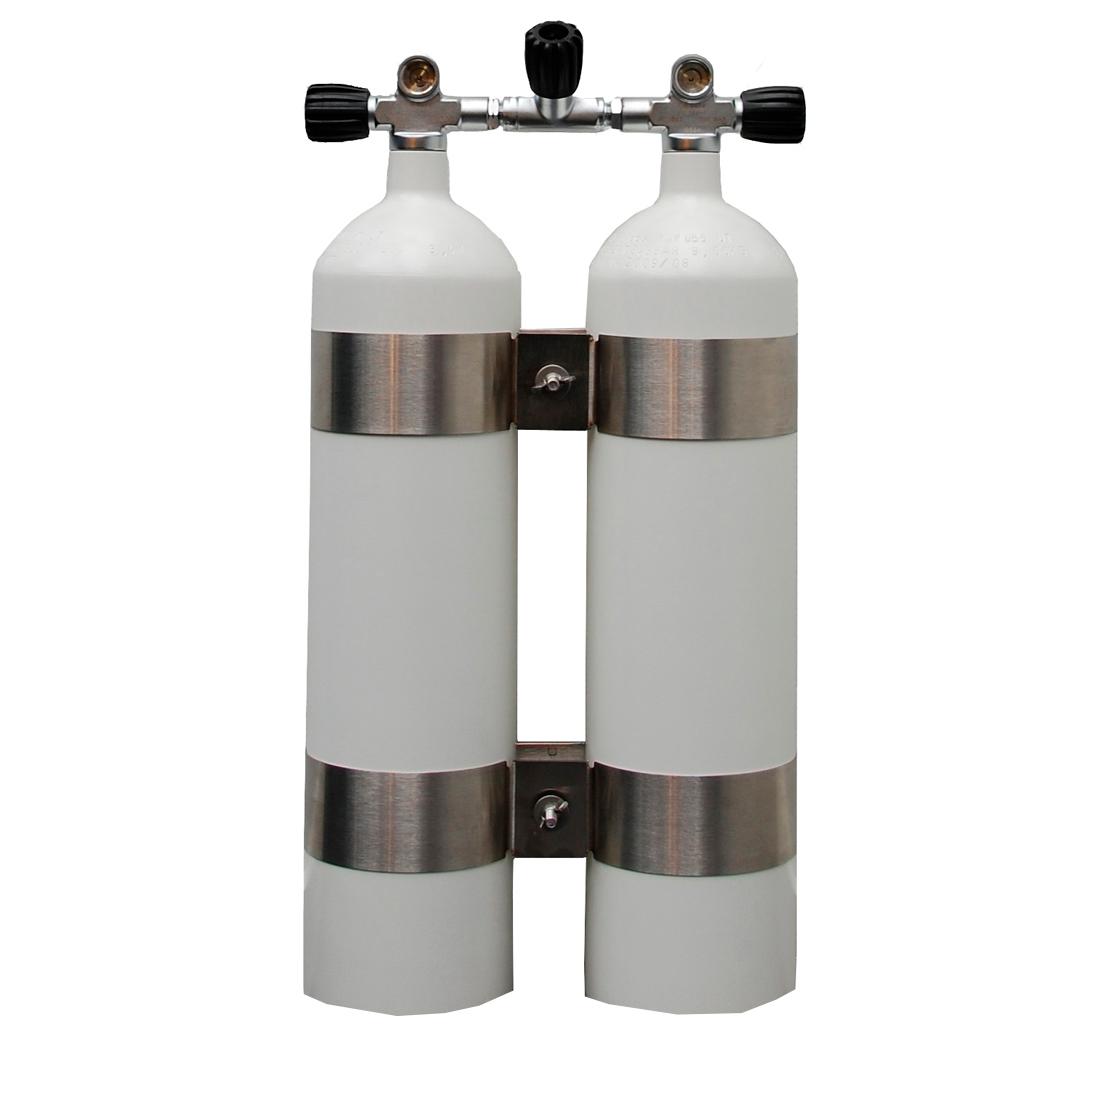 POLARIS - DoppelTauchgerät 232Bar Stahlflaschen 40mm Brückenventile 12544 konkav